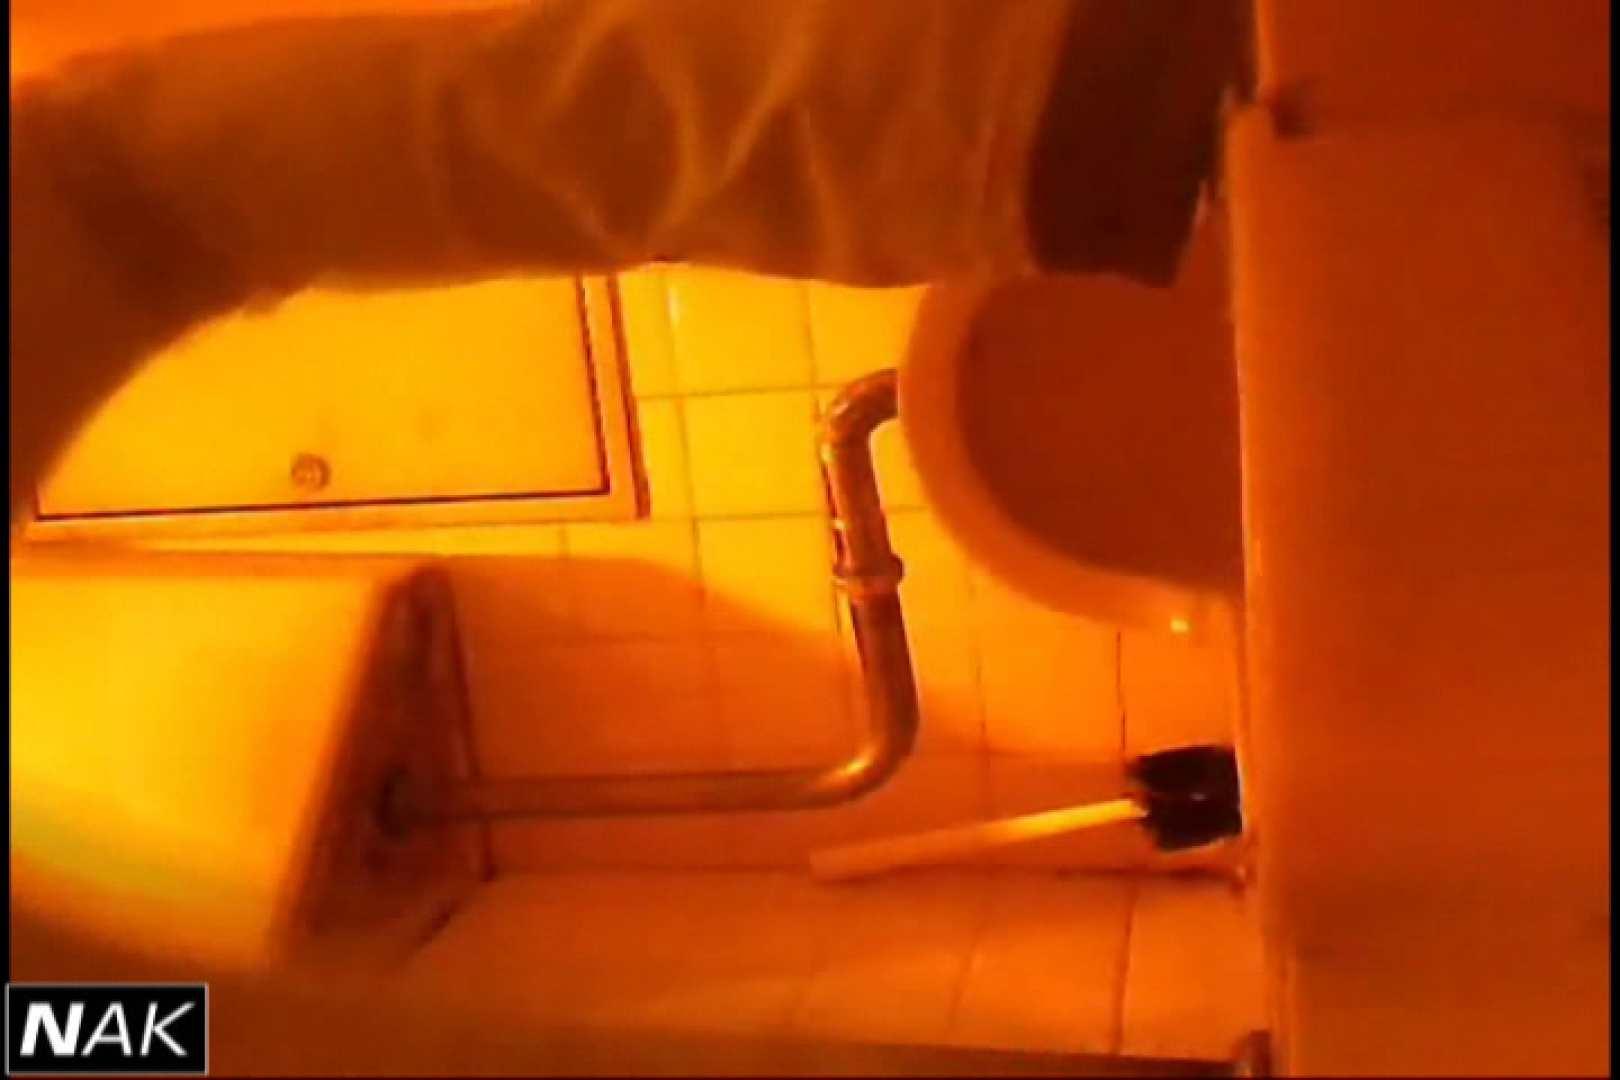 亀さんかわや VIP和式2カメバージョン! vol.09 黄金水 | オマンコ丸出し  105画像 12